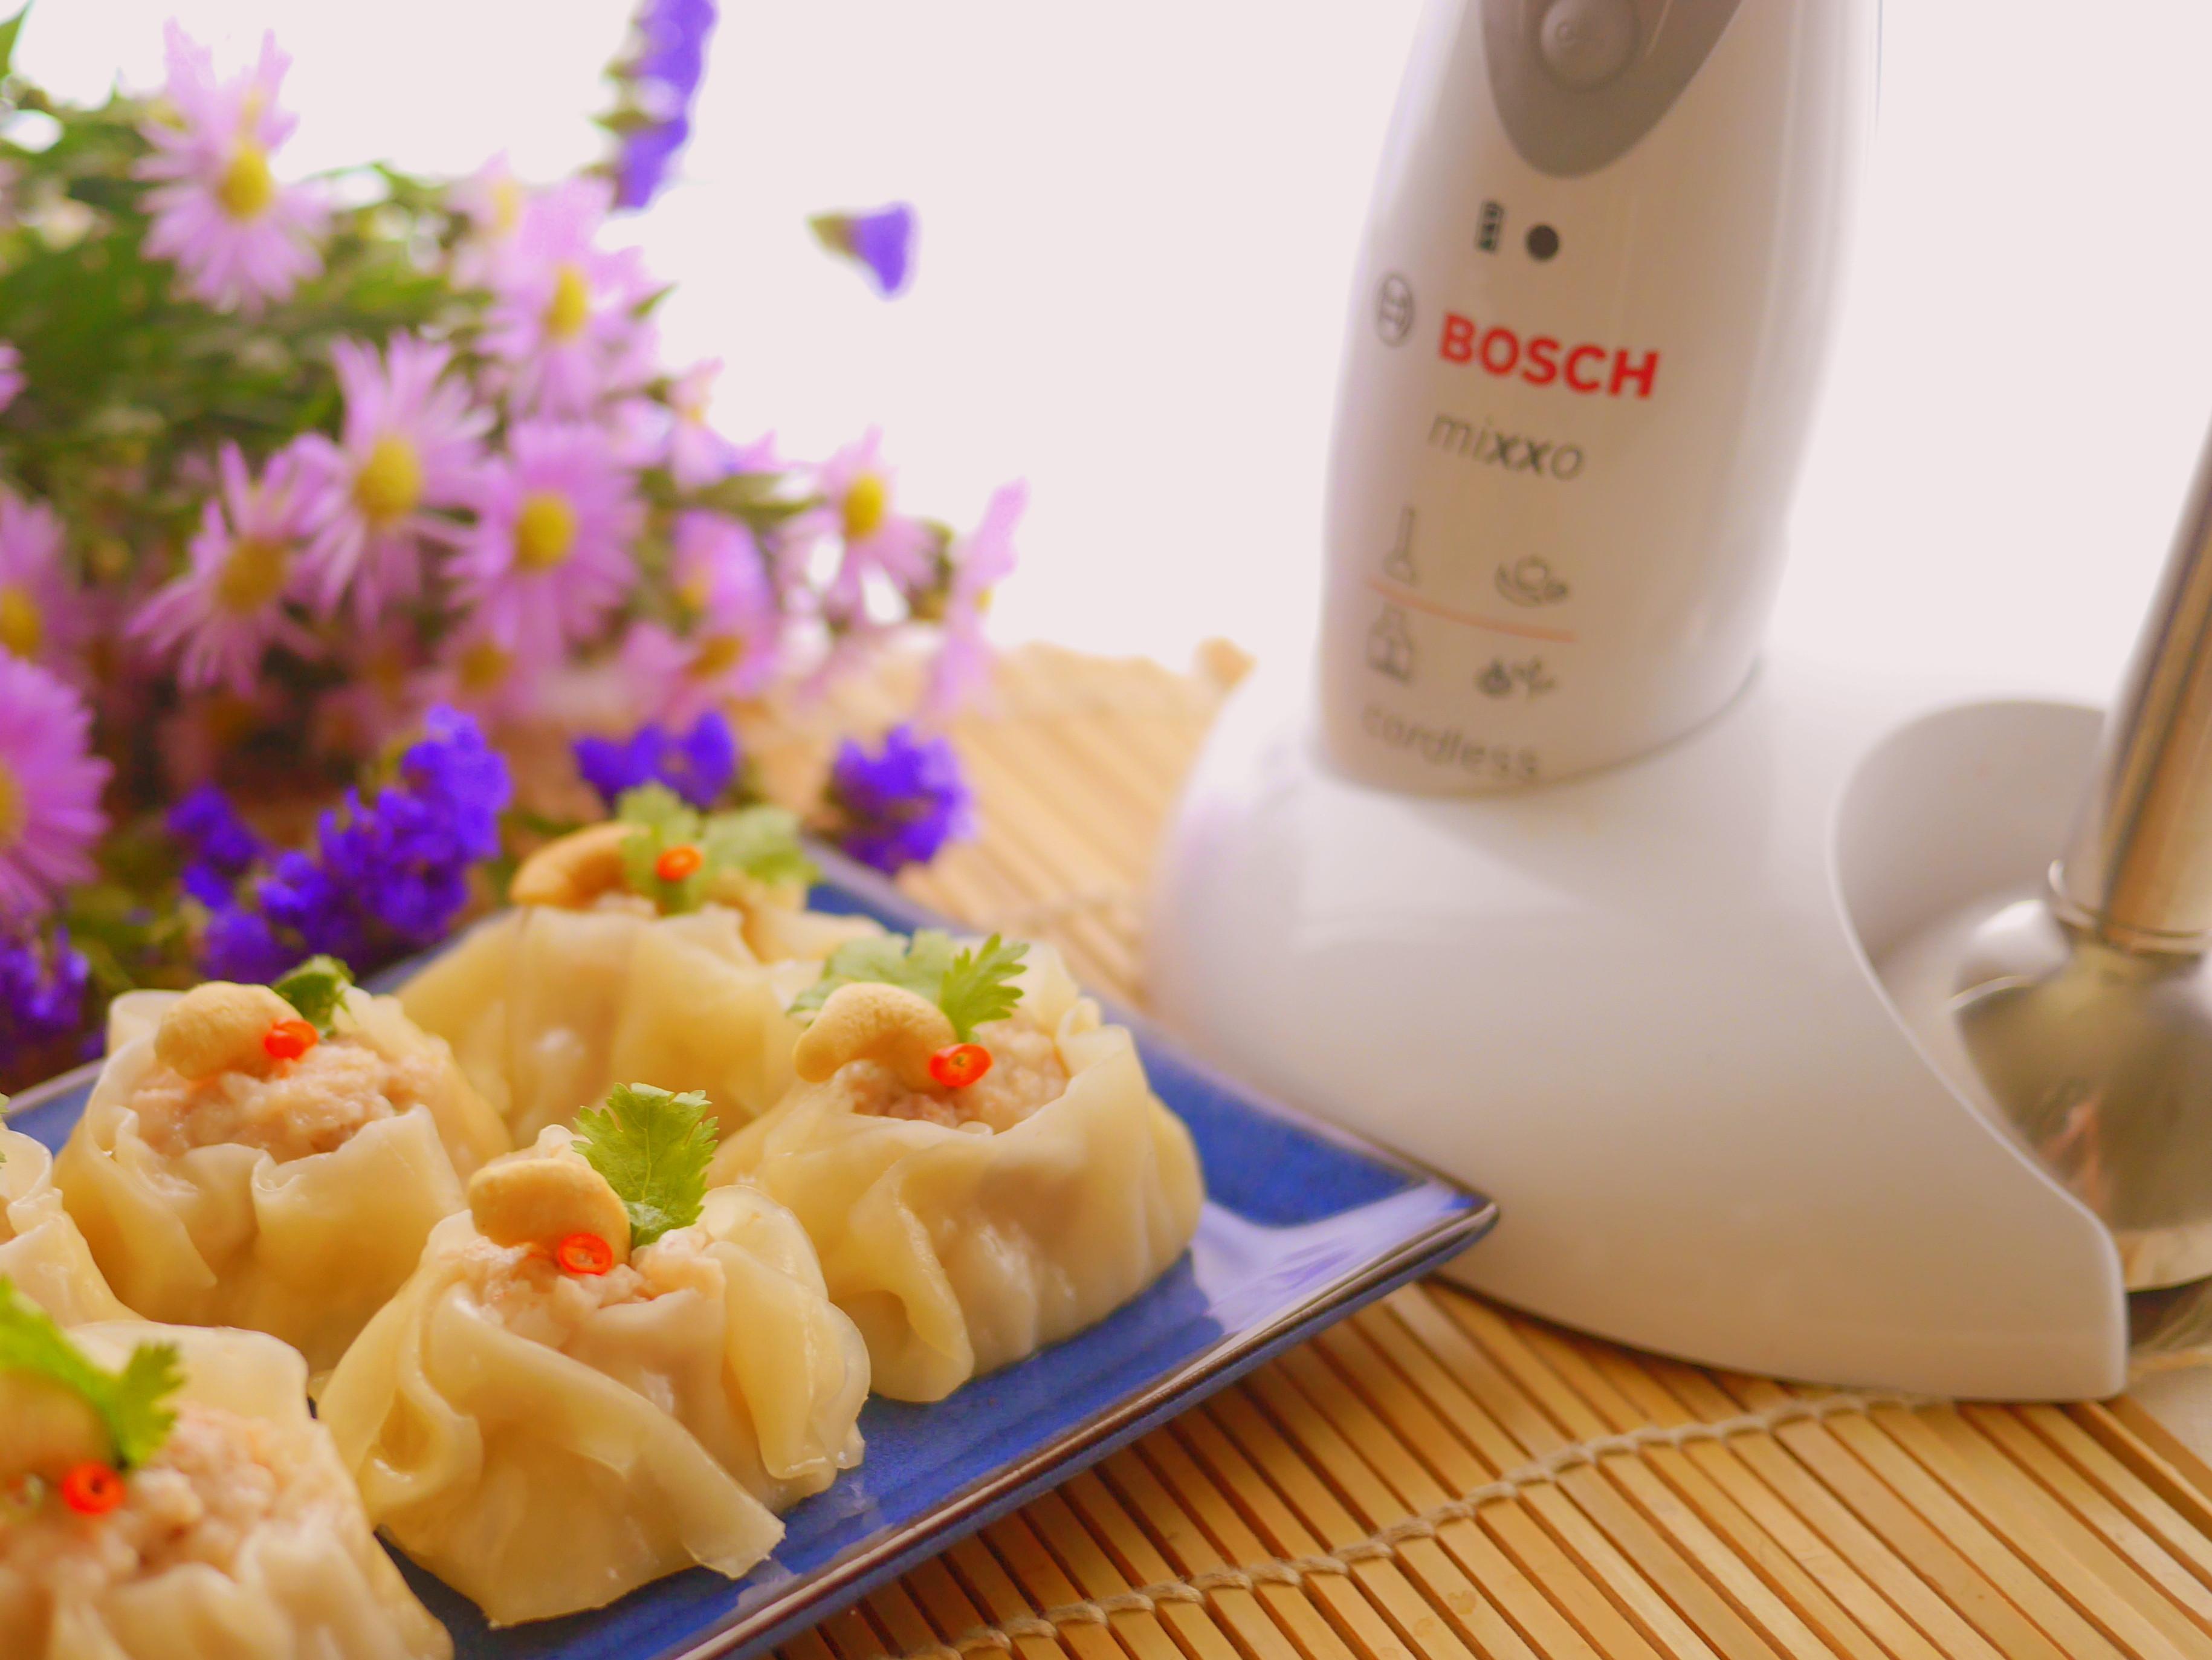 腰果鮮蝦燒賣【Bosch無線調理棒】